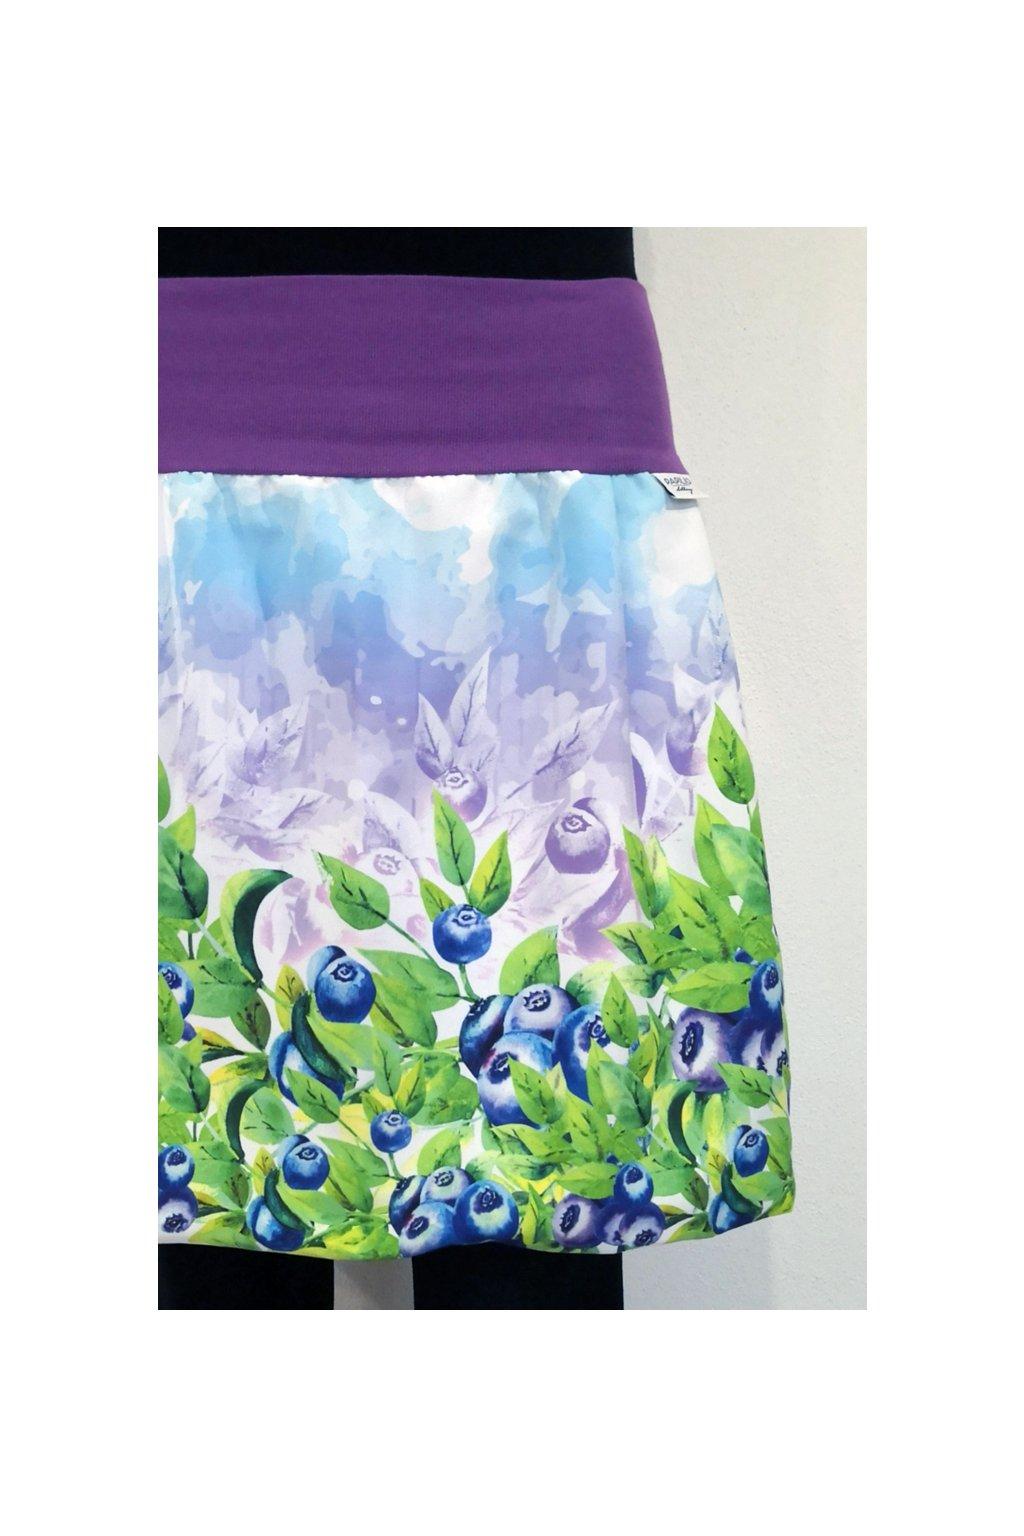 Balonová sukně Borůvky barevné   polyester